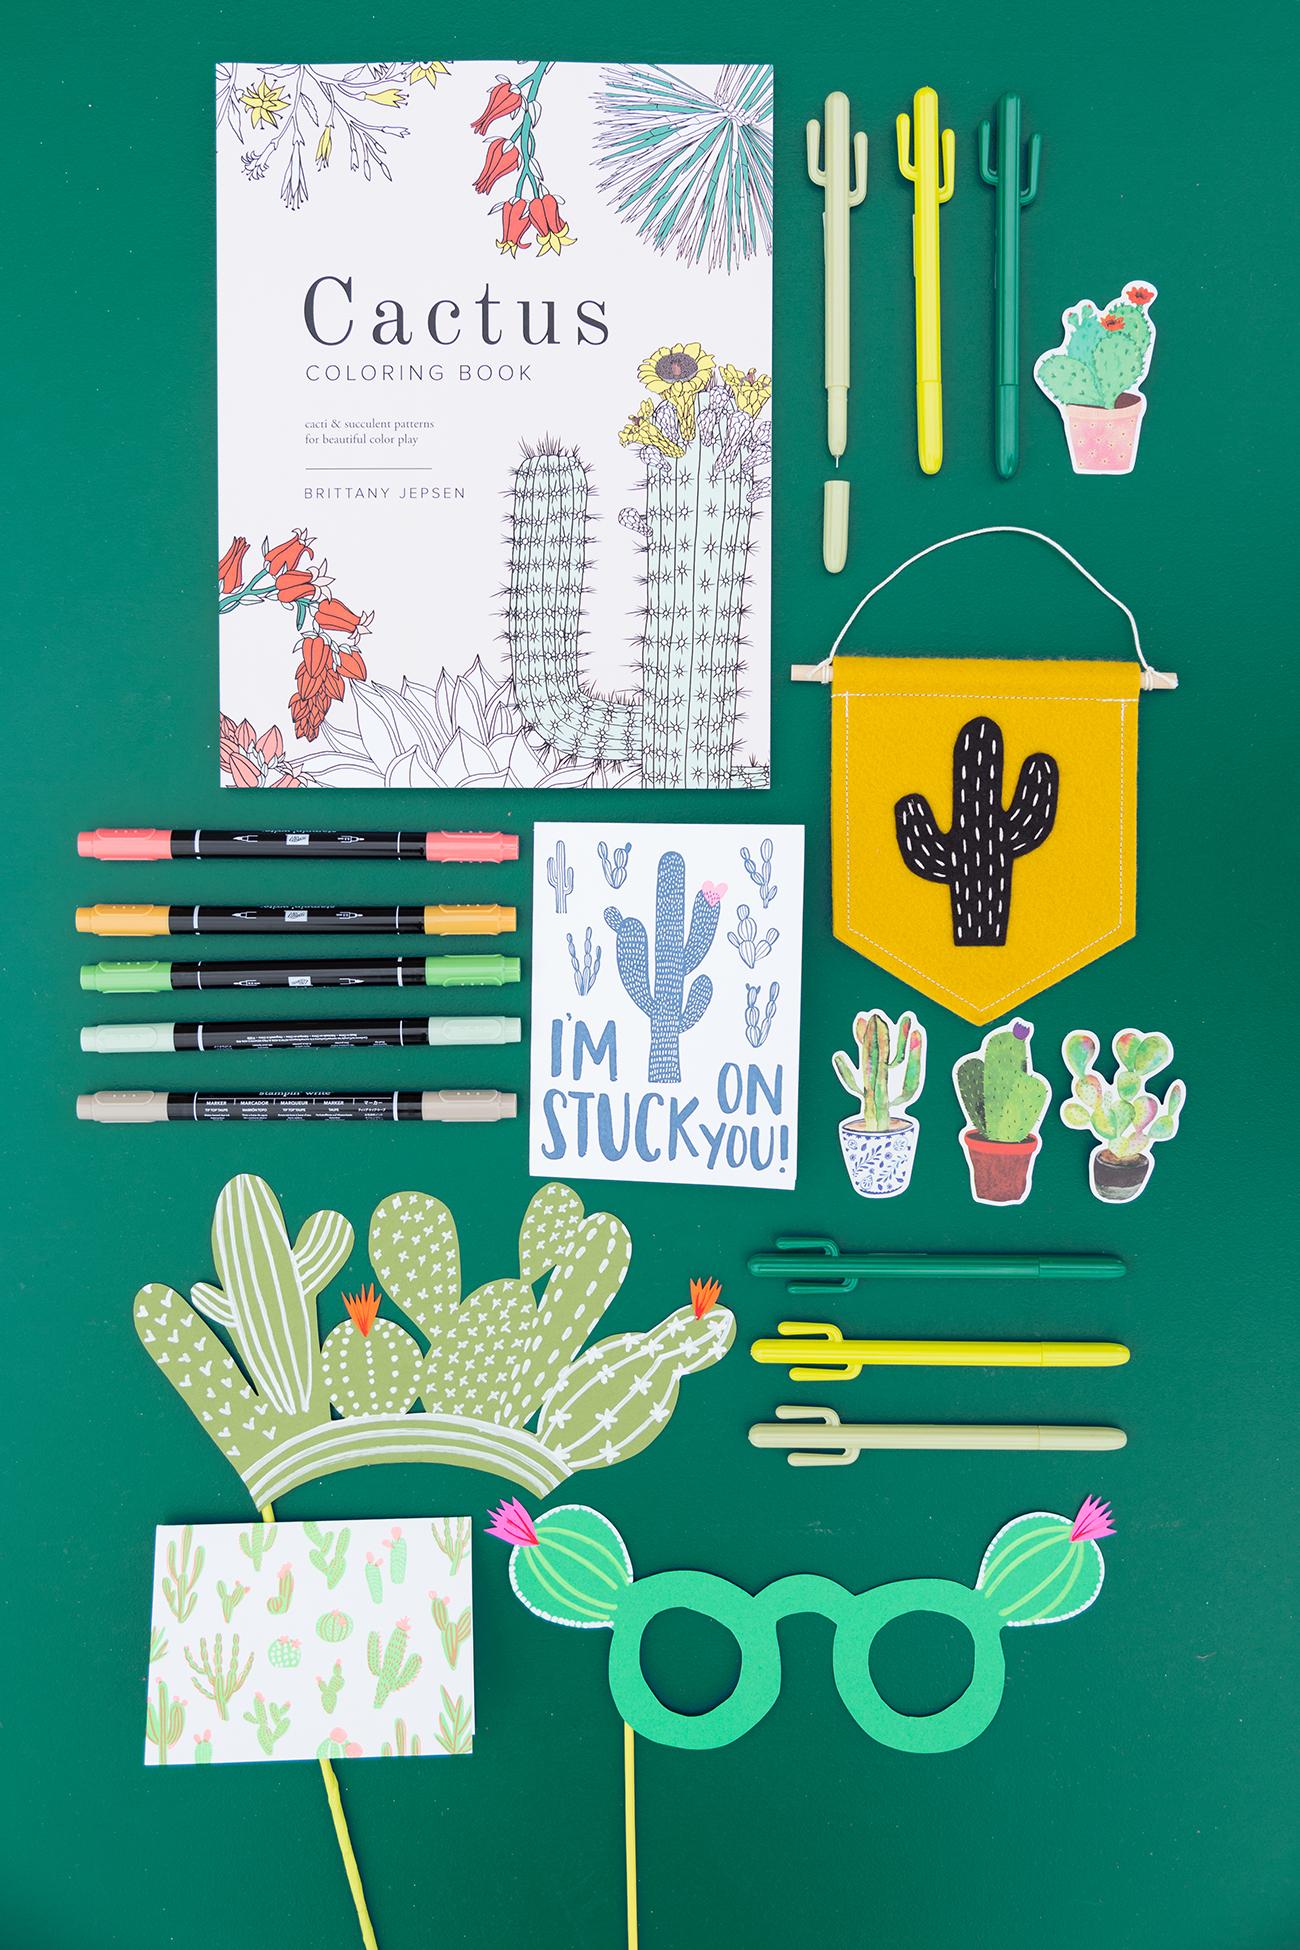 Cactus giveaways